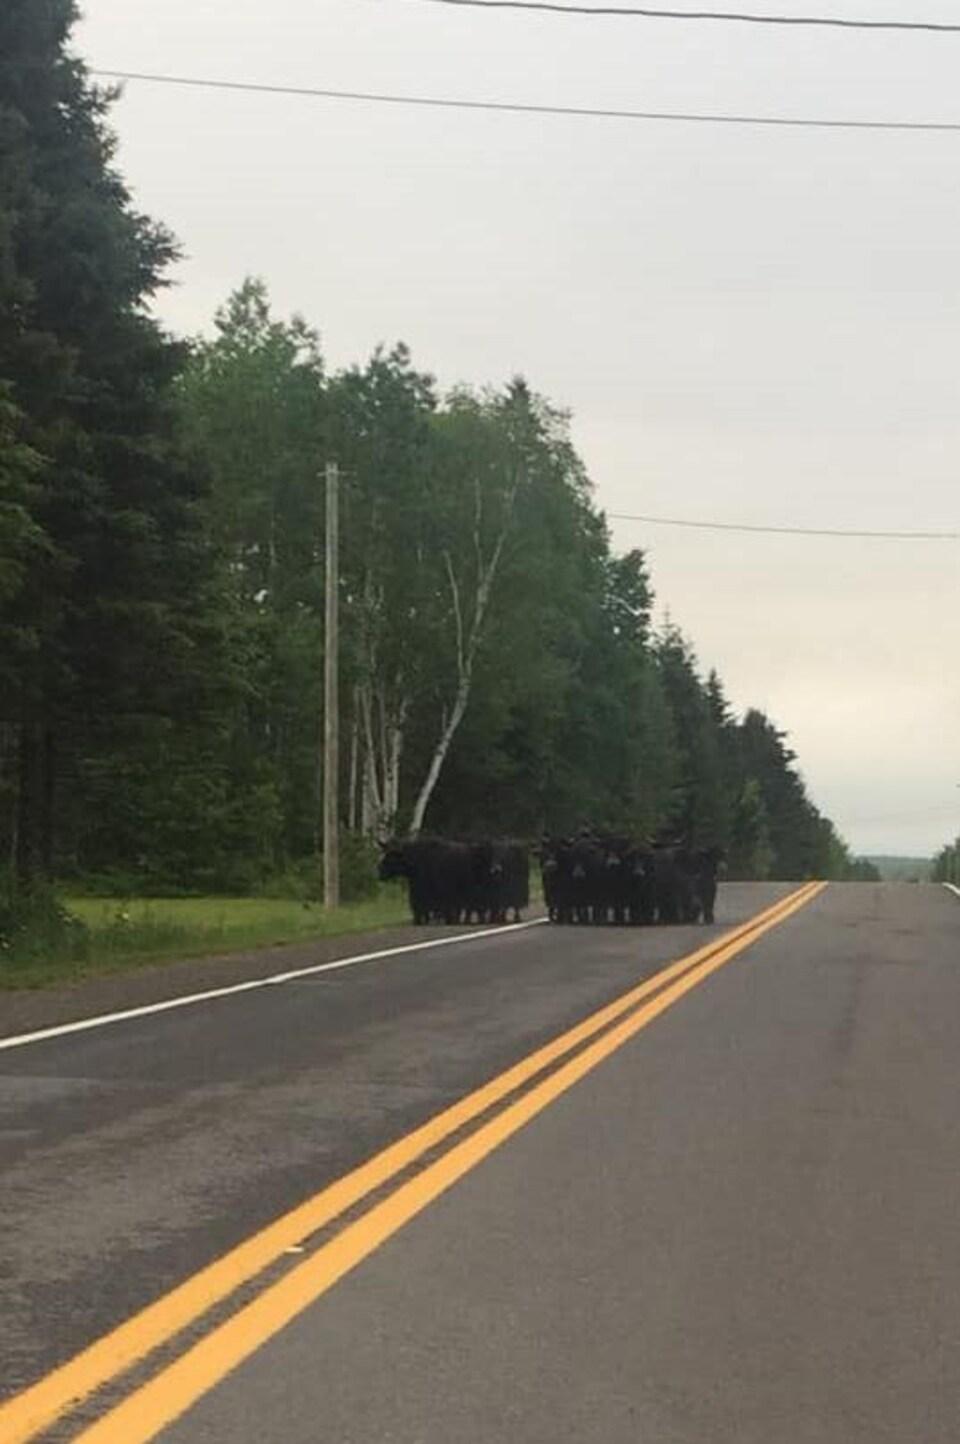 Des yacks sur une route asphaltée.